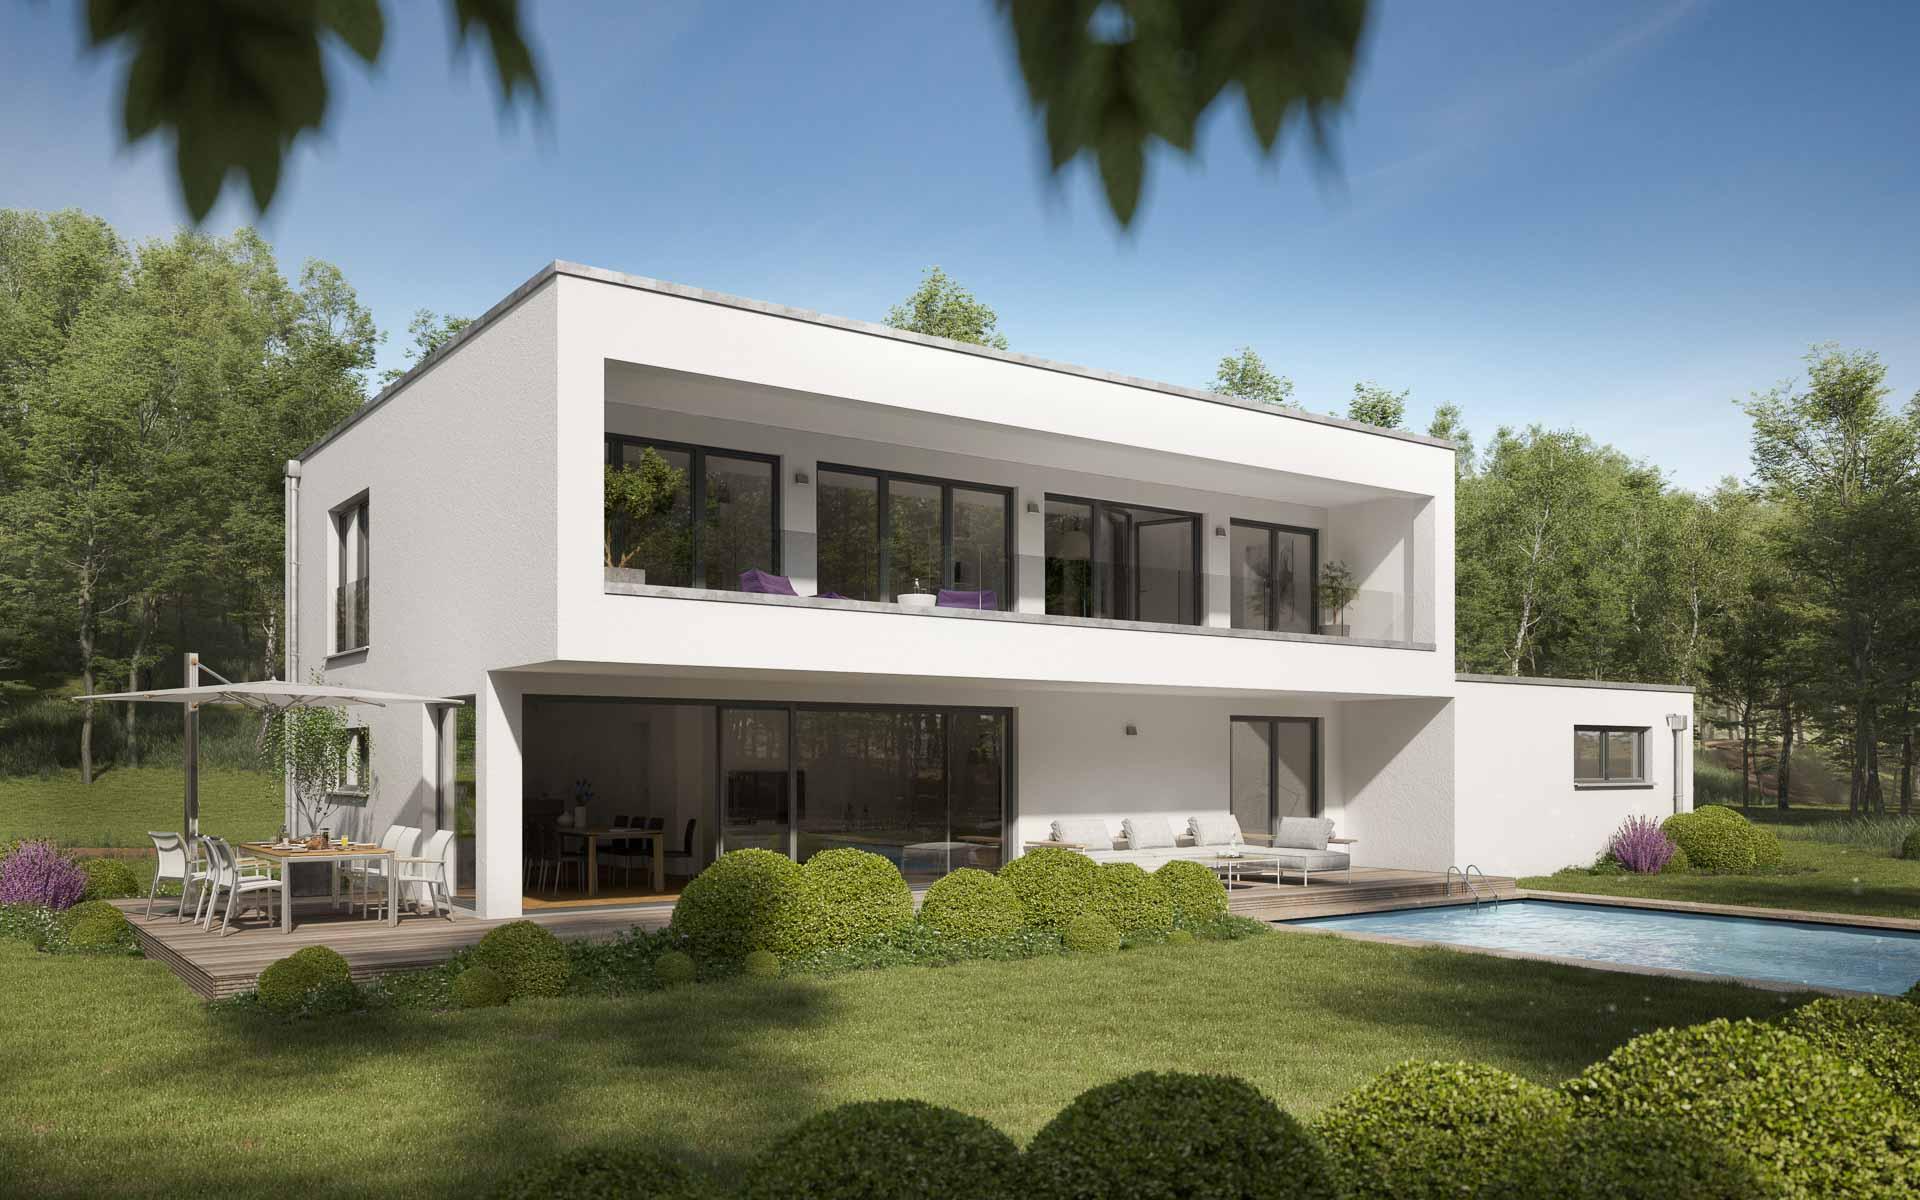 Bauhaus-Architektur: Einfamilienhaus mit klaren Linien | mkm ...